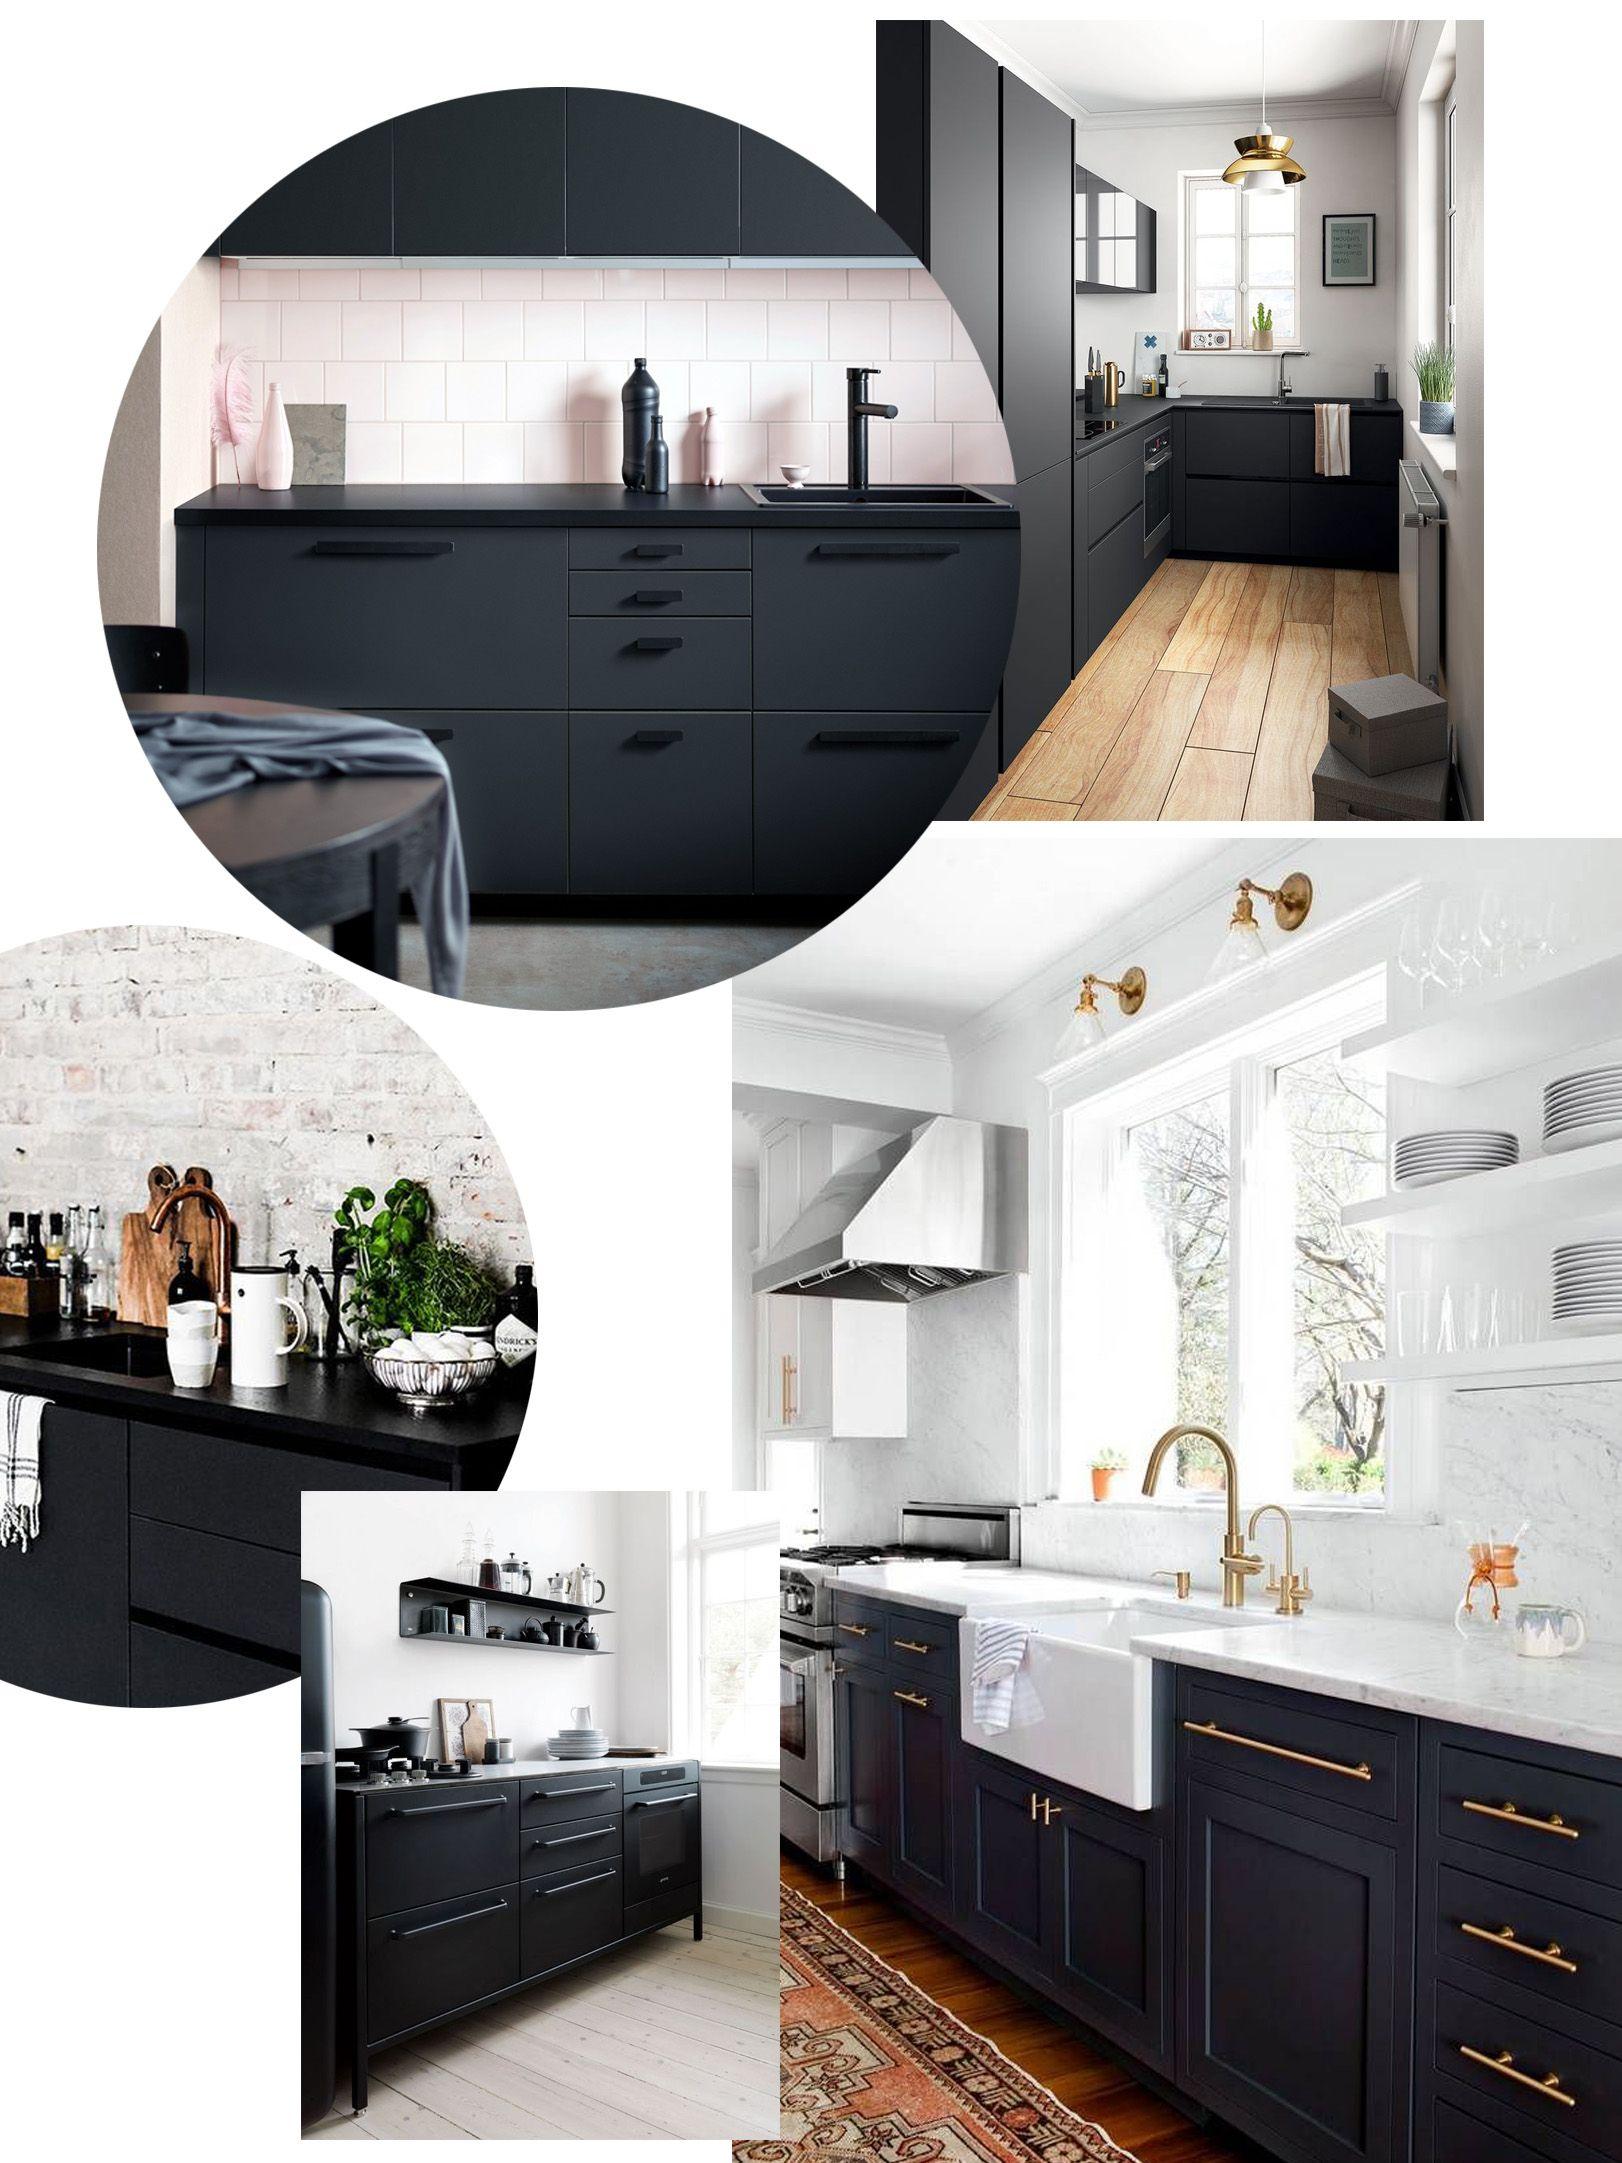 Kungsbacka kitchen - Black Kitchen Inspiration Black Kitchens Kungsbacka Kitchen Ikea